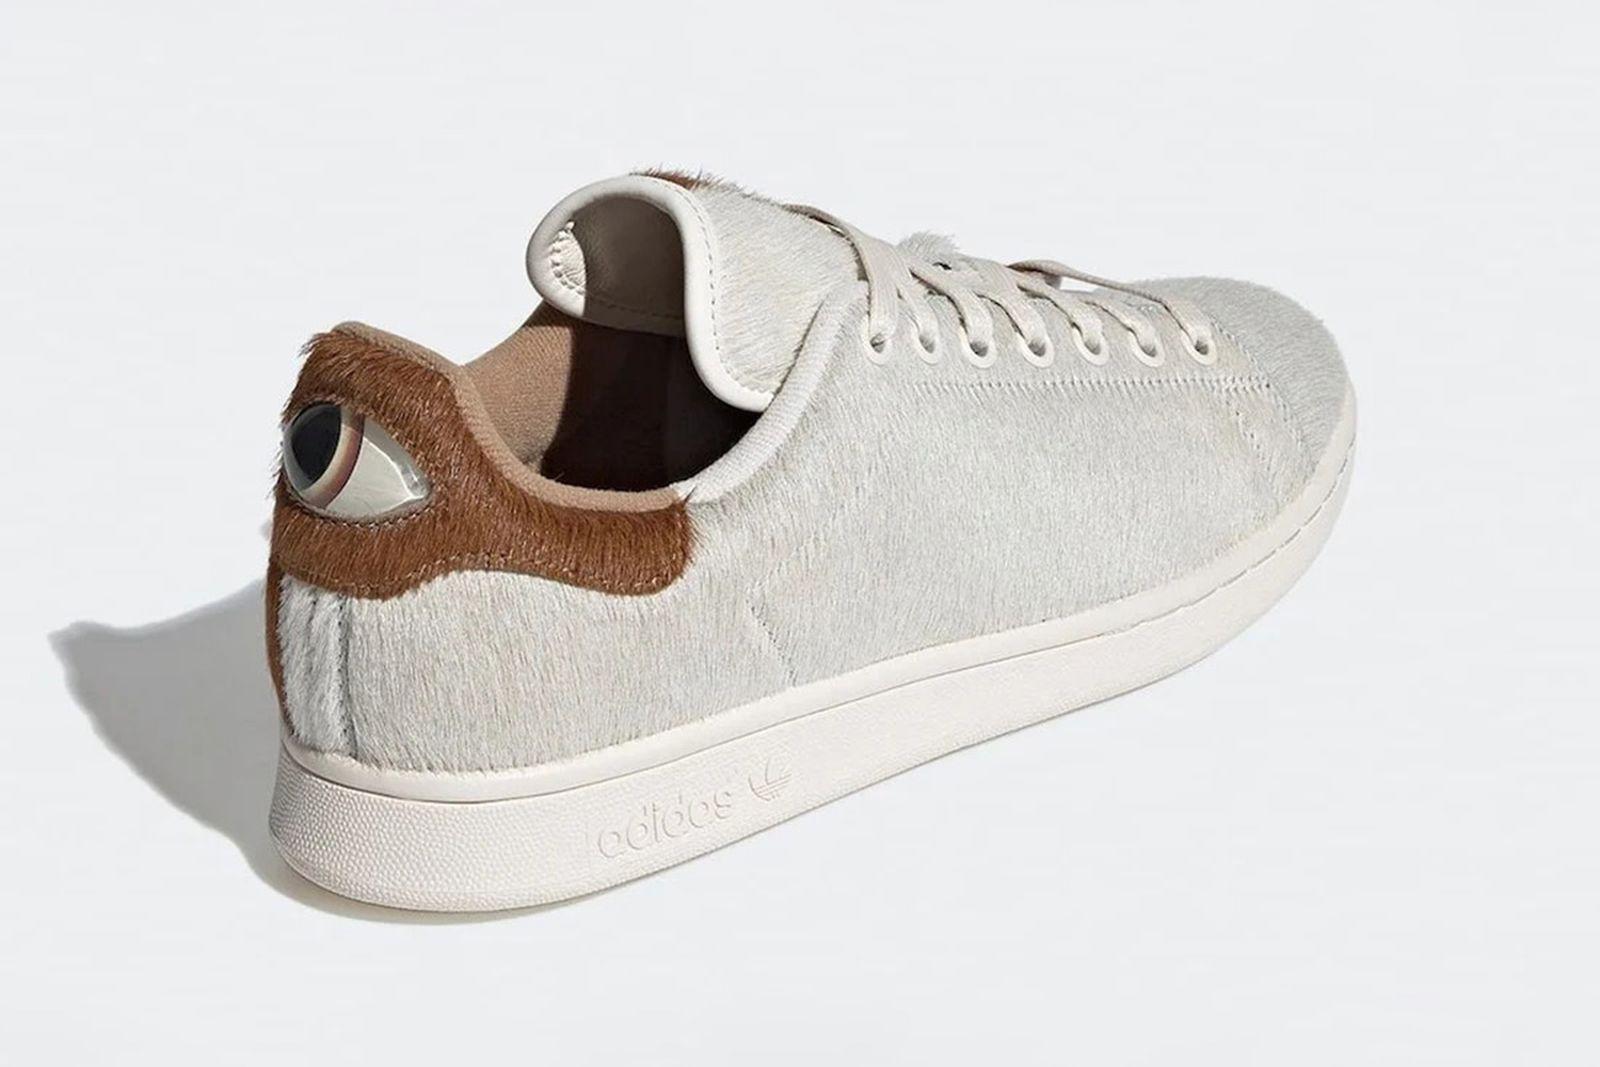 adidas-originals-stan-smith-gremlins-release-date-price-04